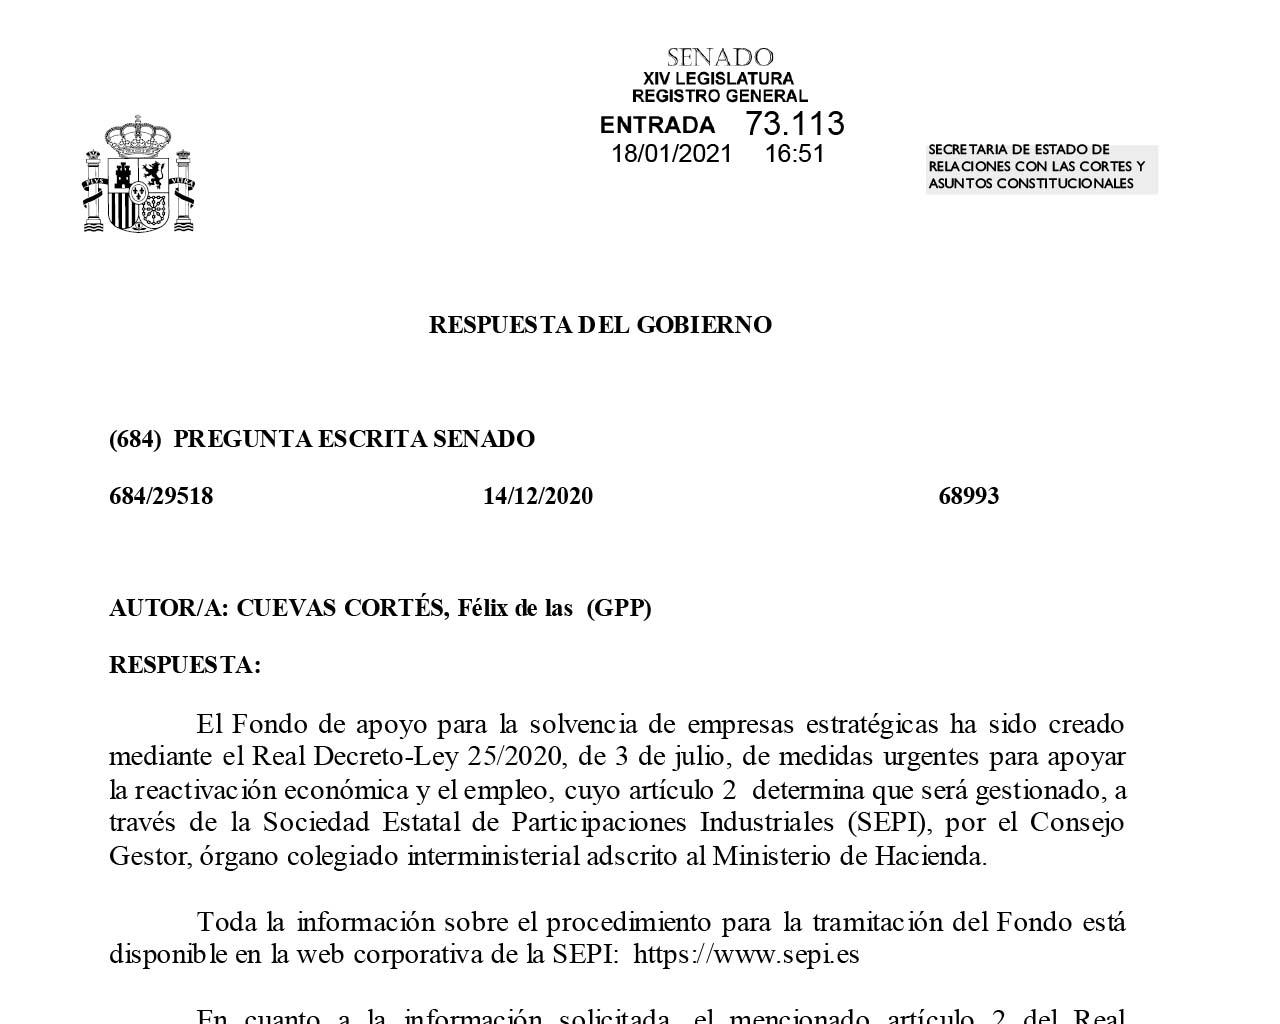 Respuesta del Gobierno de España sobre la solicitud de Celsa